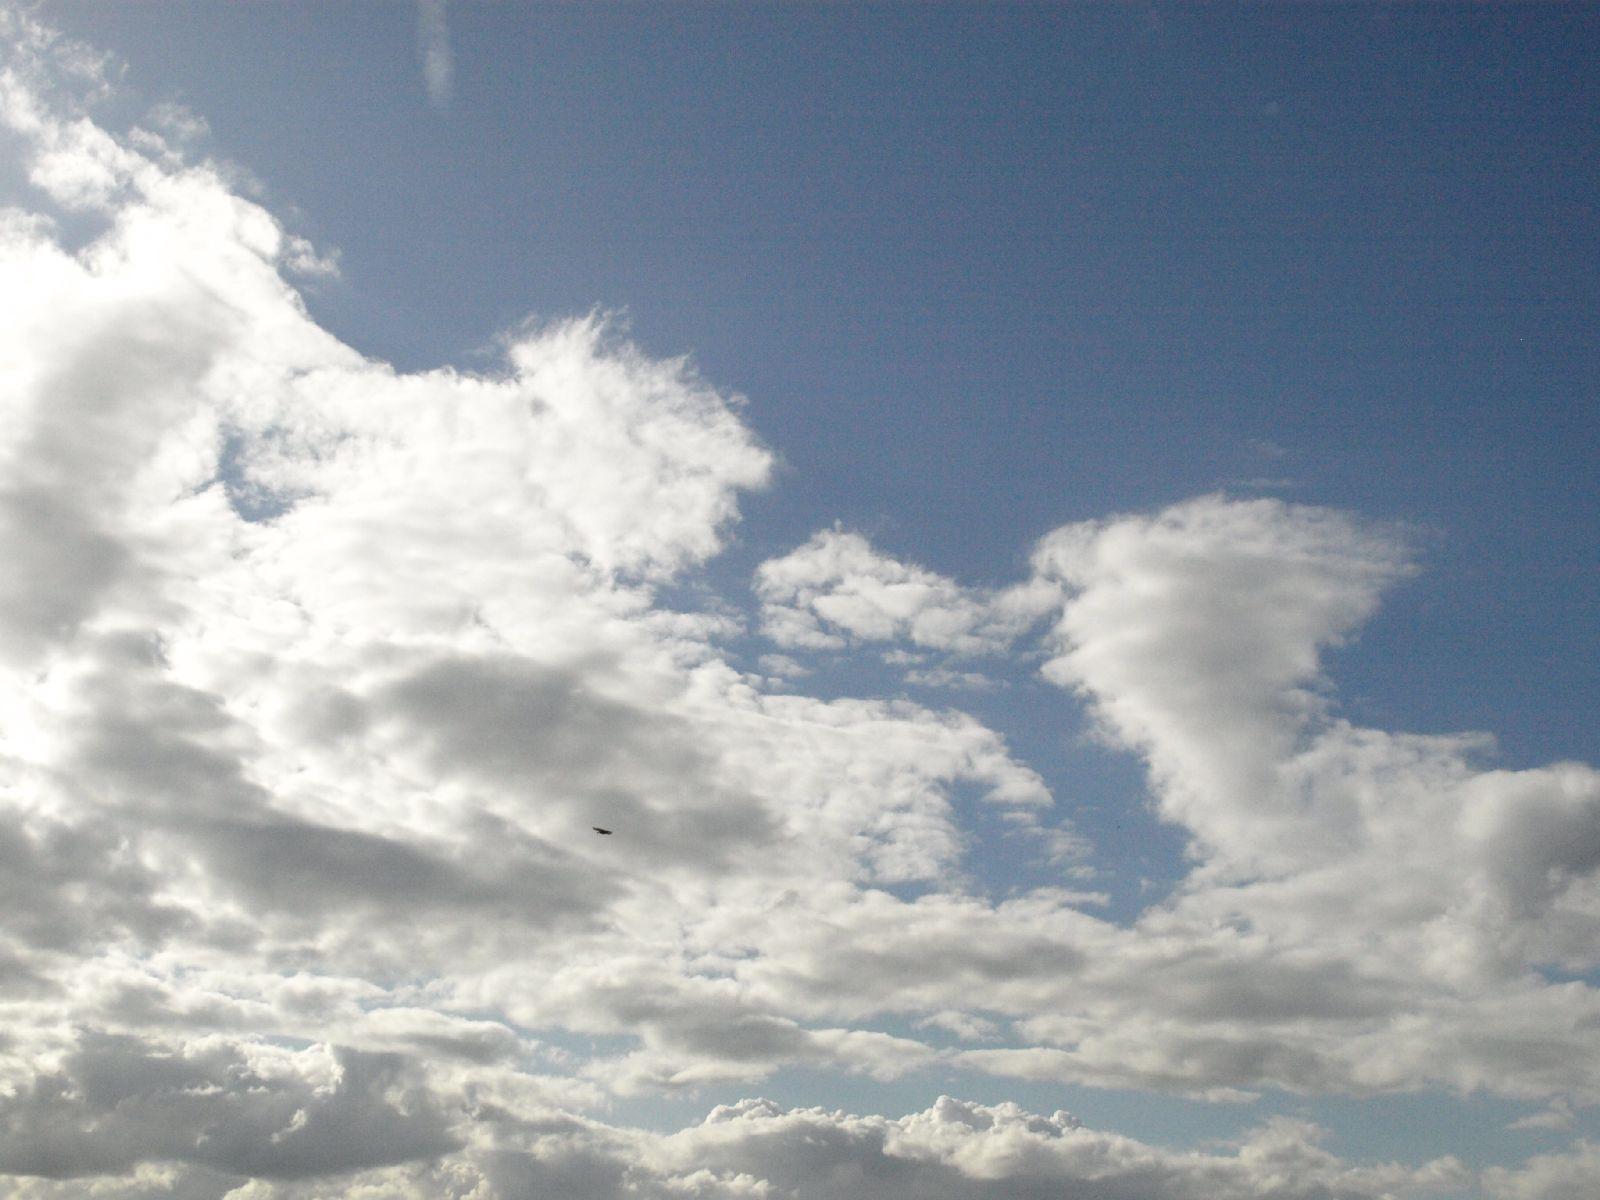 Himmel-Wolken-Foto_Textur_A_P5183888